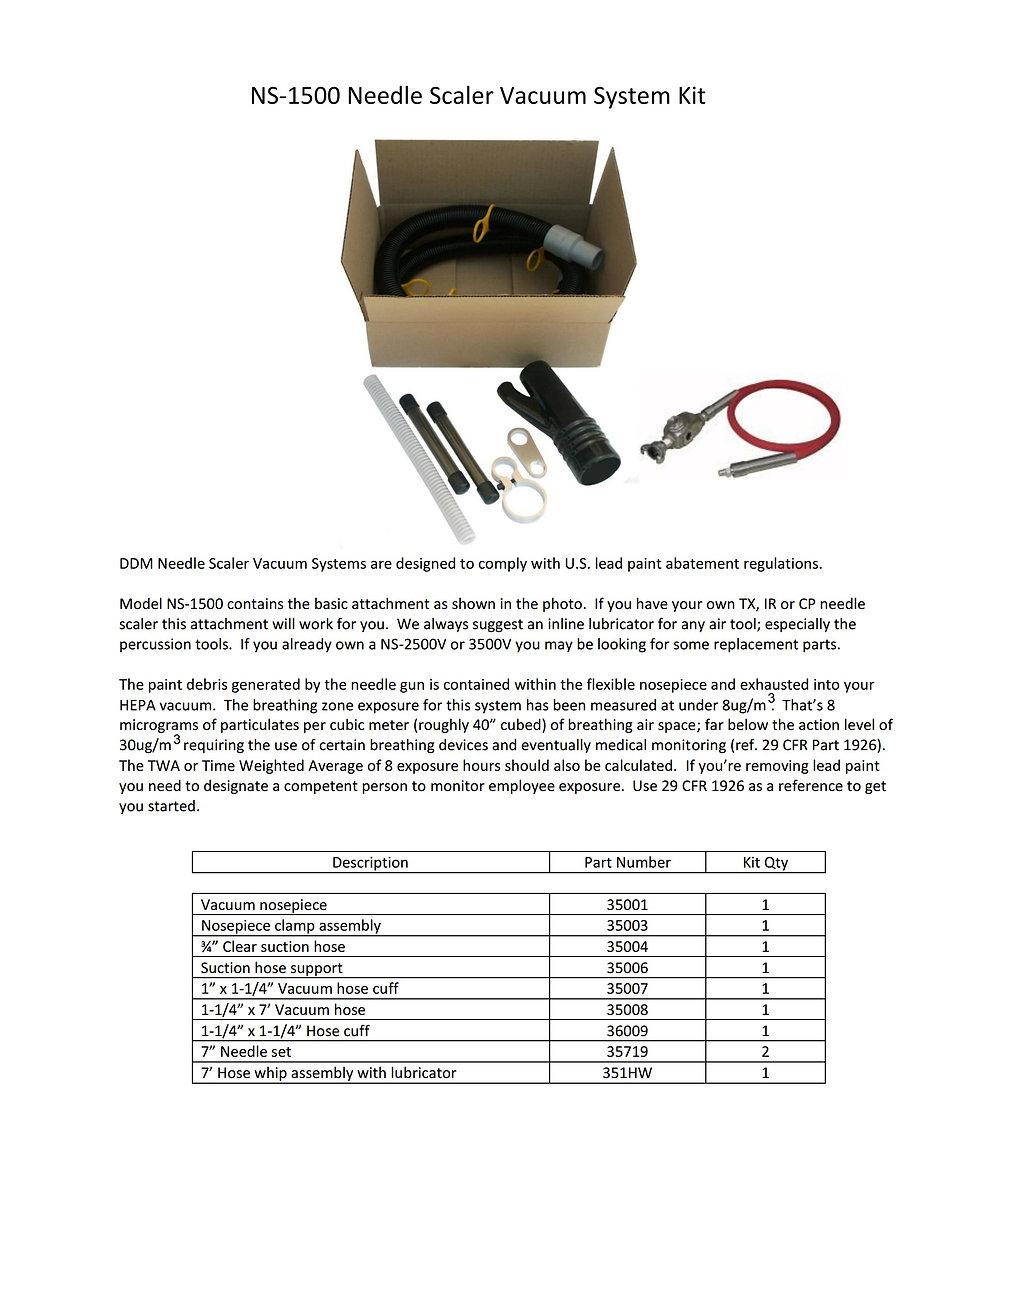 NS-1500 Needle Scaler Vacuum Attachment